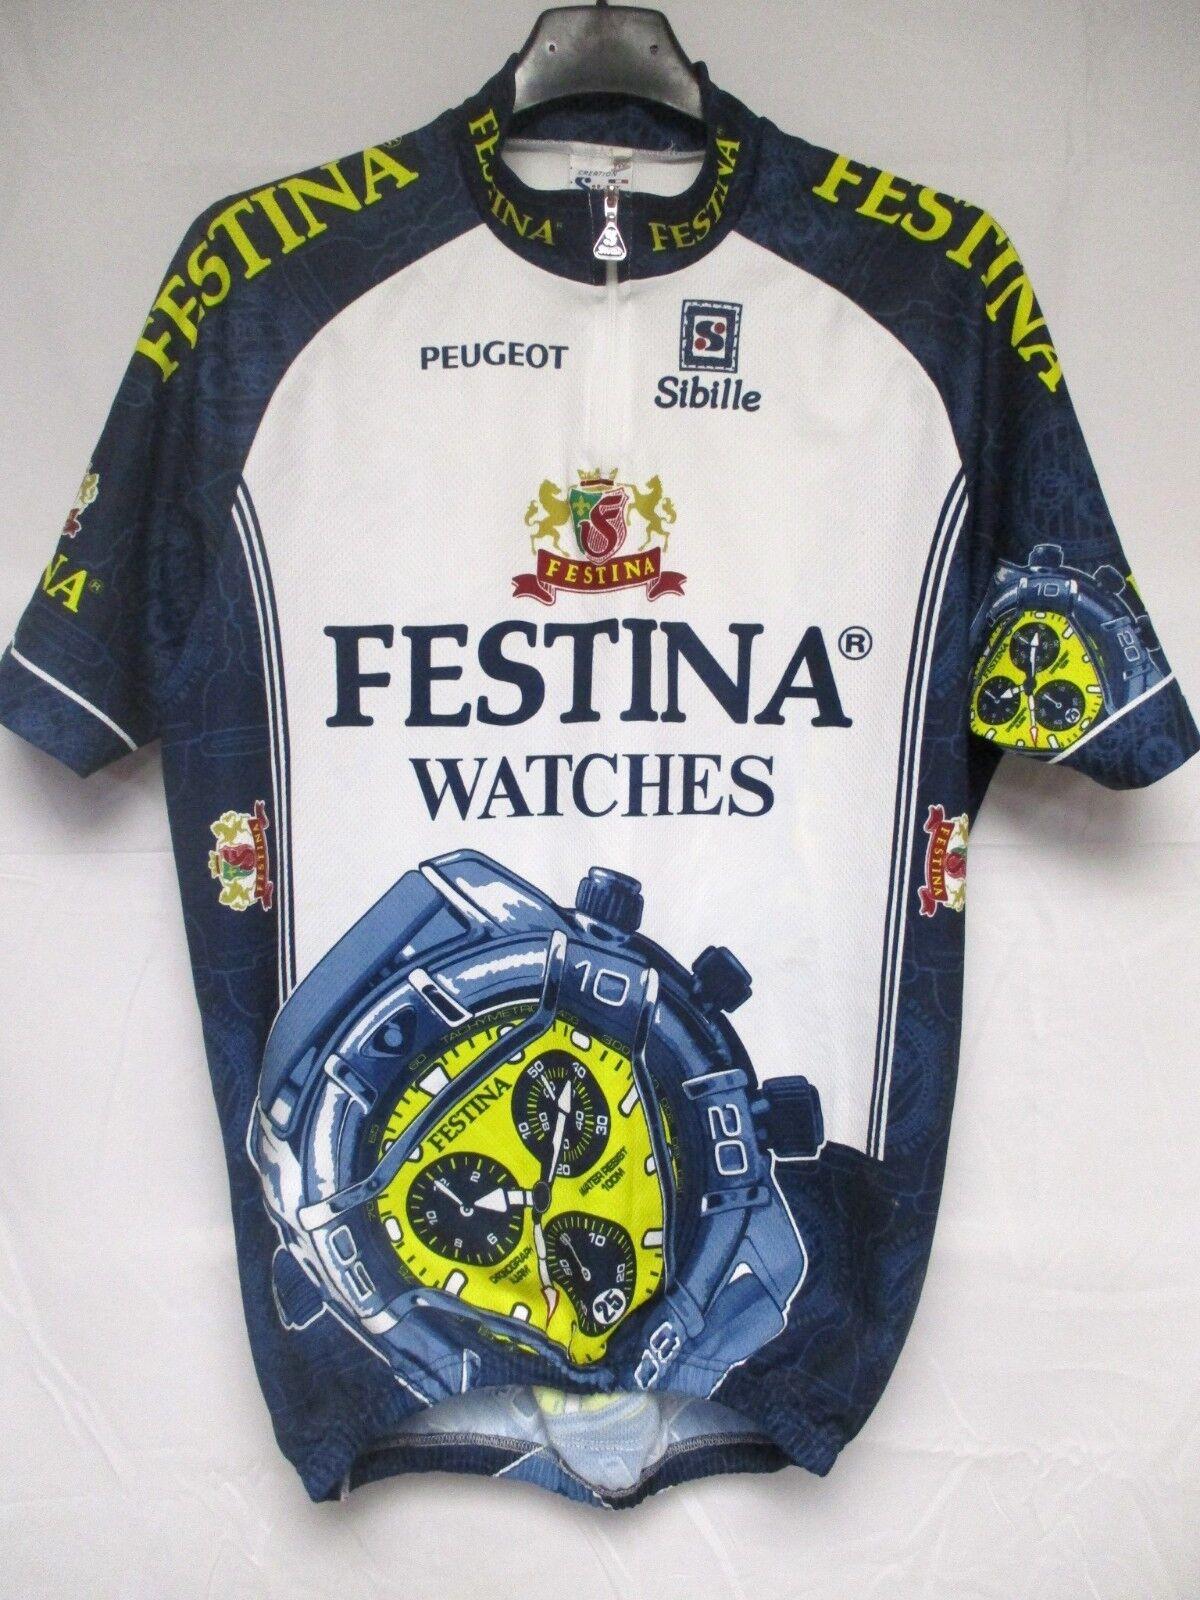 Maillot cycliste FESTINA Tour de France 1996 Virenque maglia shirt Peugeot XXXL